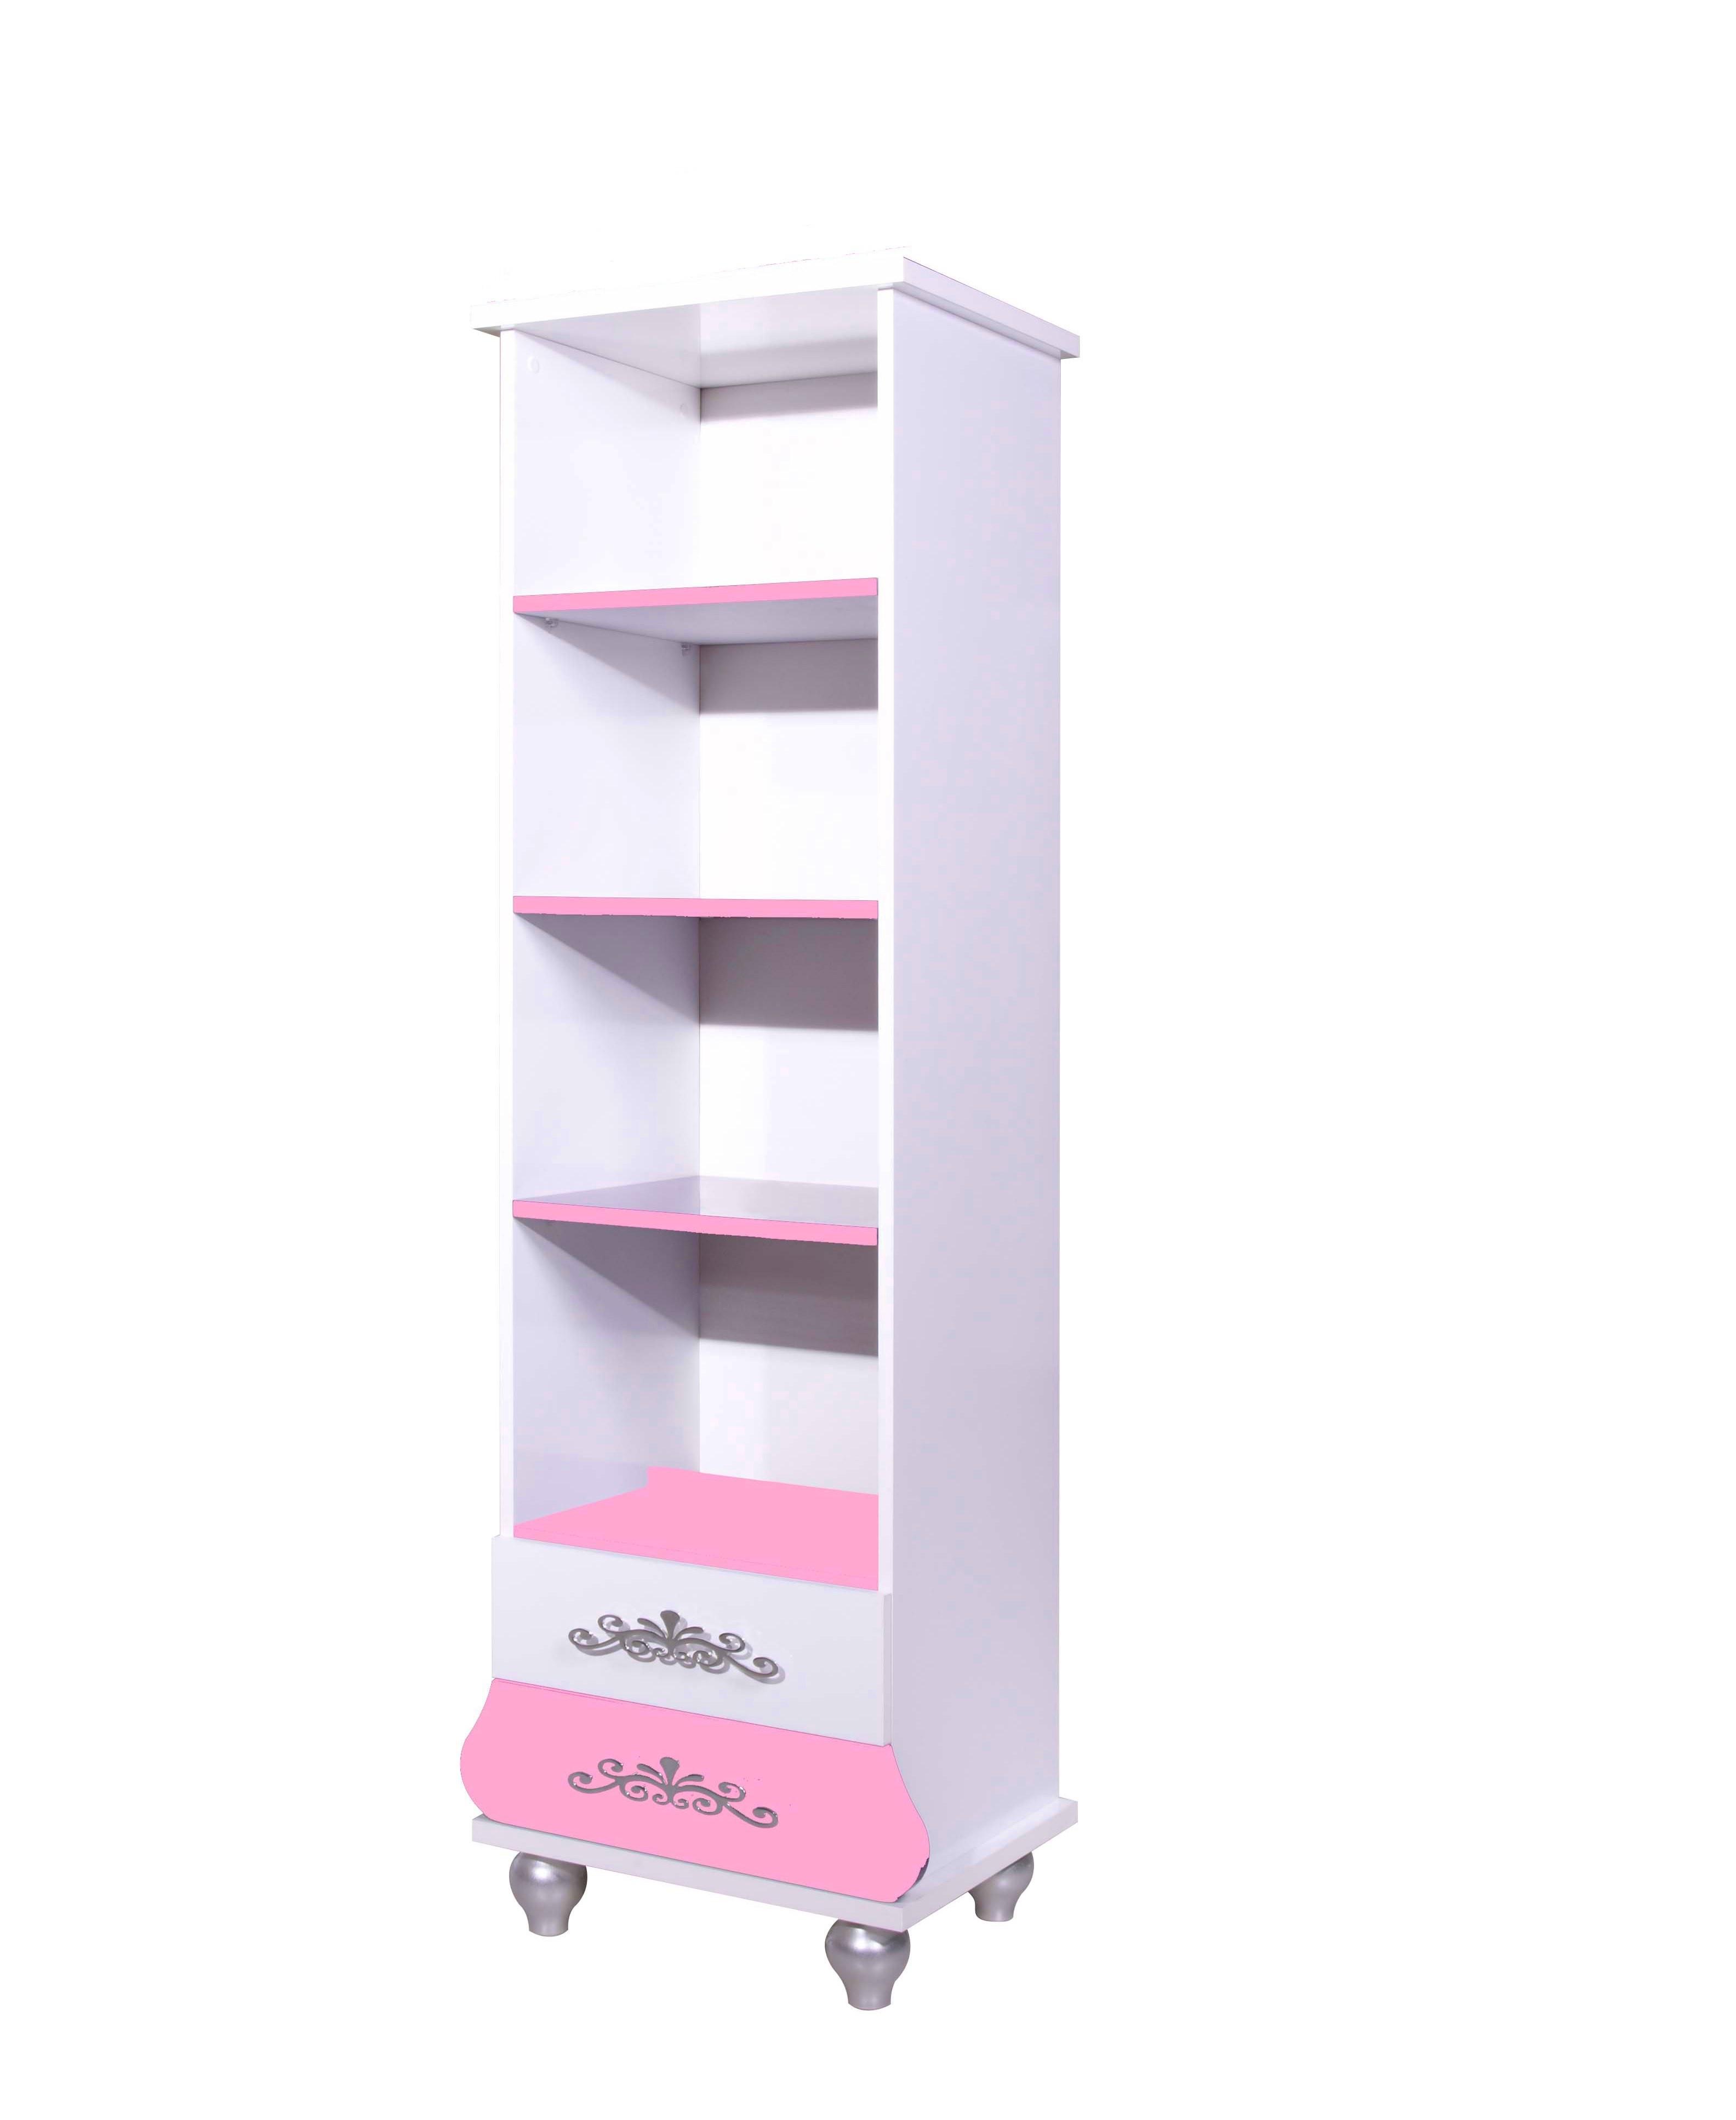 Prinses boekenkast roze wit koopt u bij huis en tuinwereld kinderkamer kinderbed terrashaard - Roze kinderkamer ...